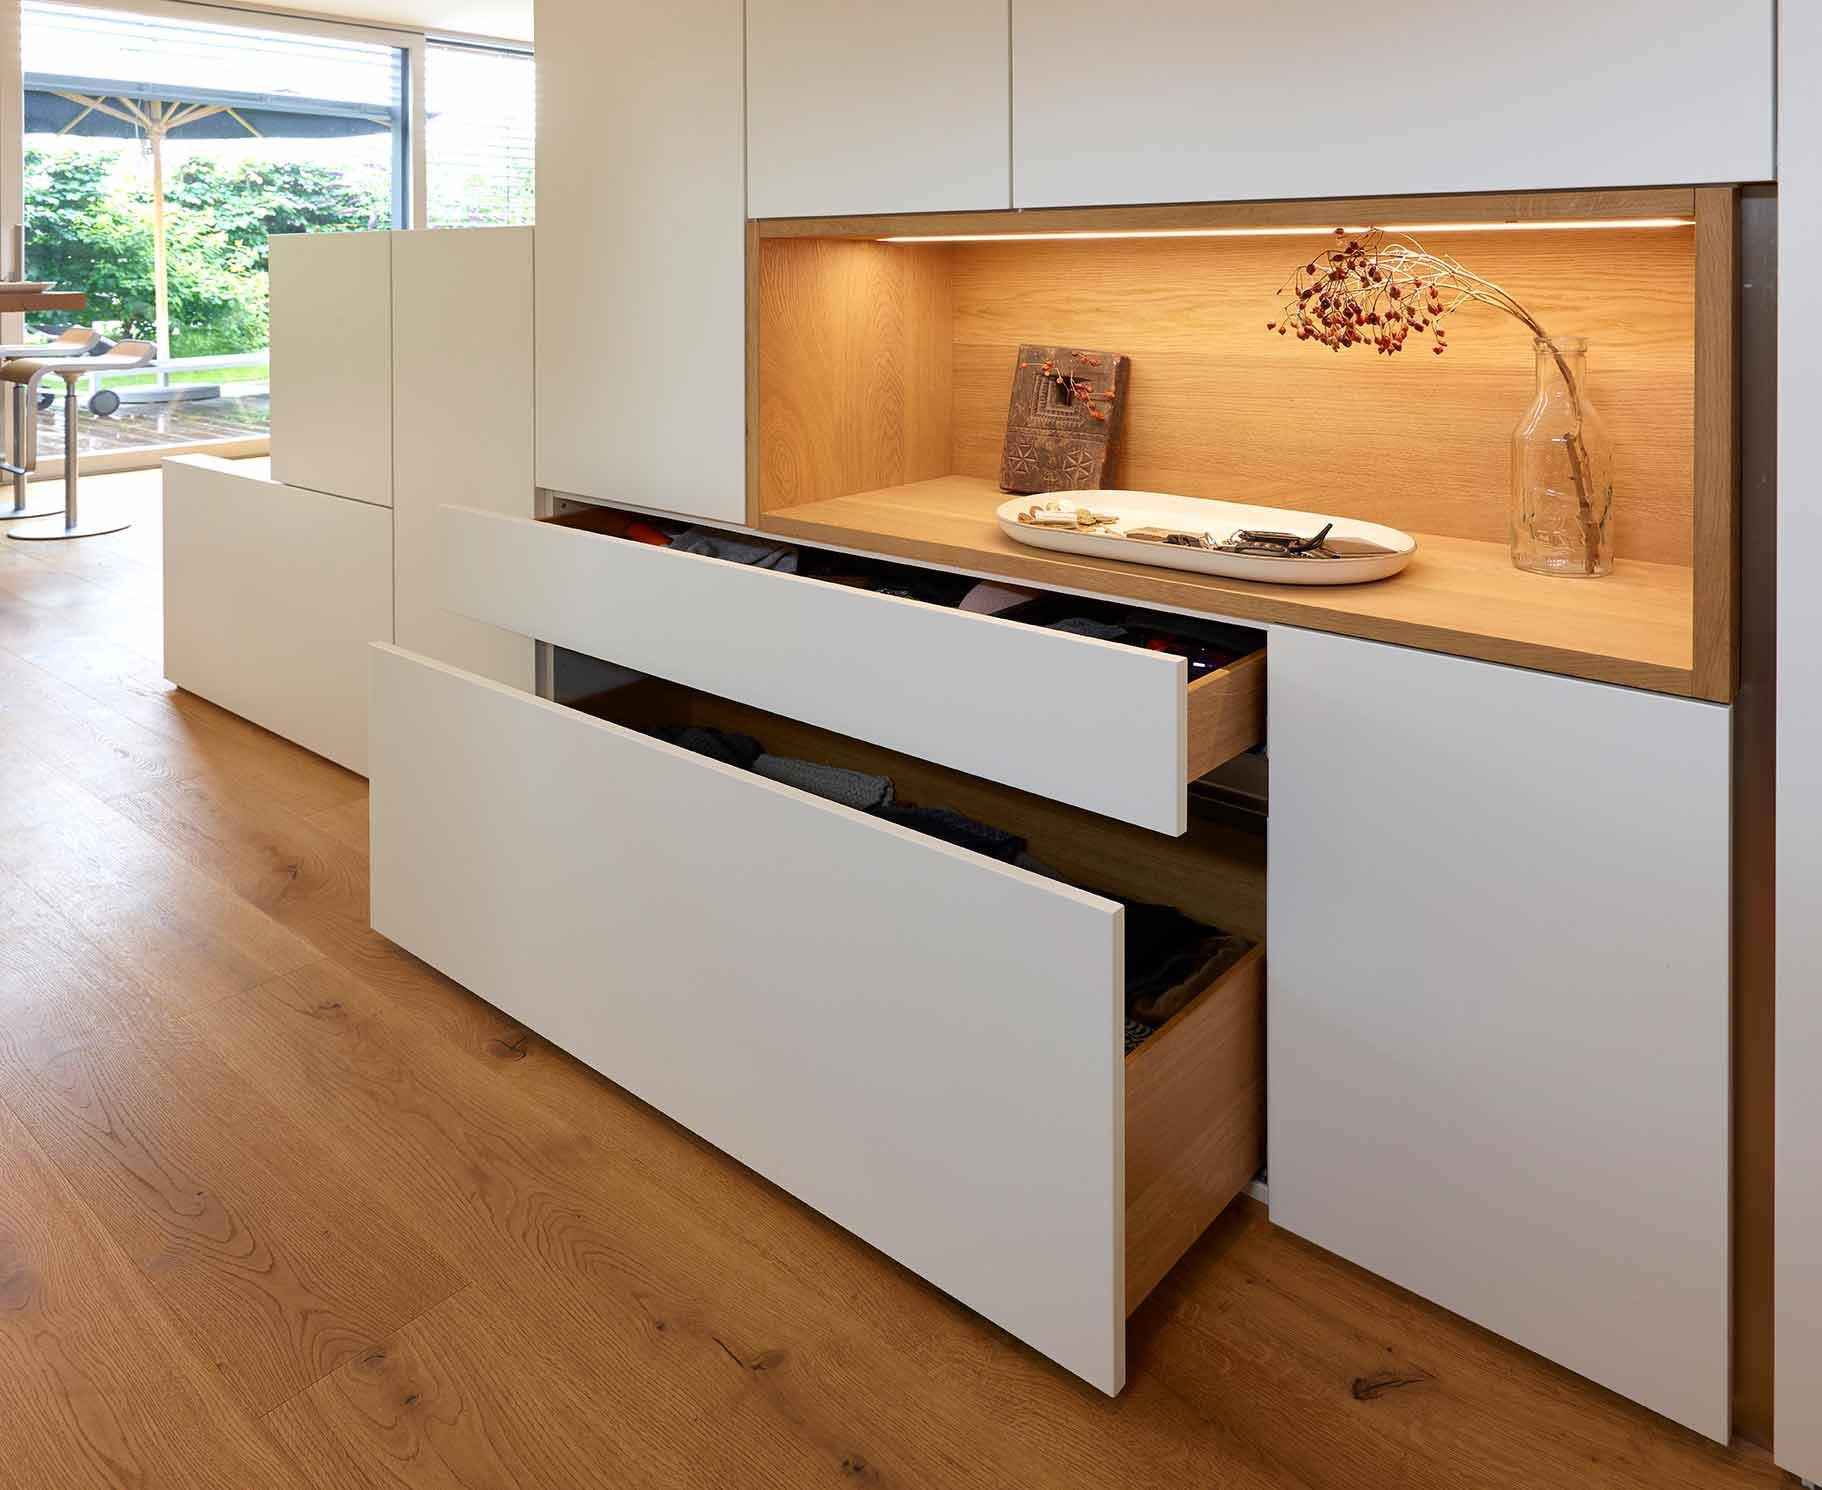 Küchendesign von VOIT in Eiche Natur mit BetonART und Edelstahl - Einbauschrank geöffnet mit Ablagefach aus Eiche